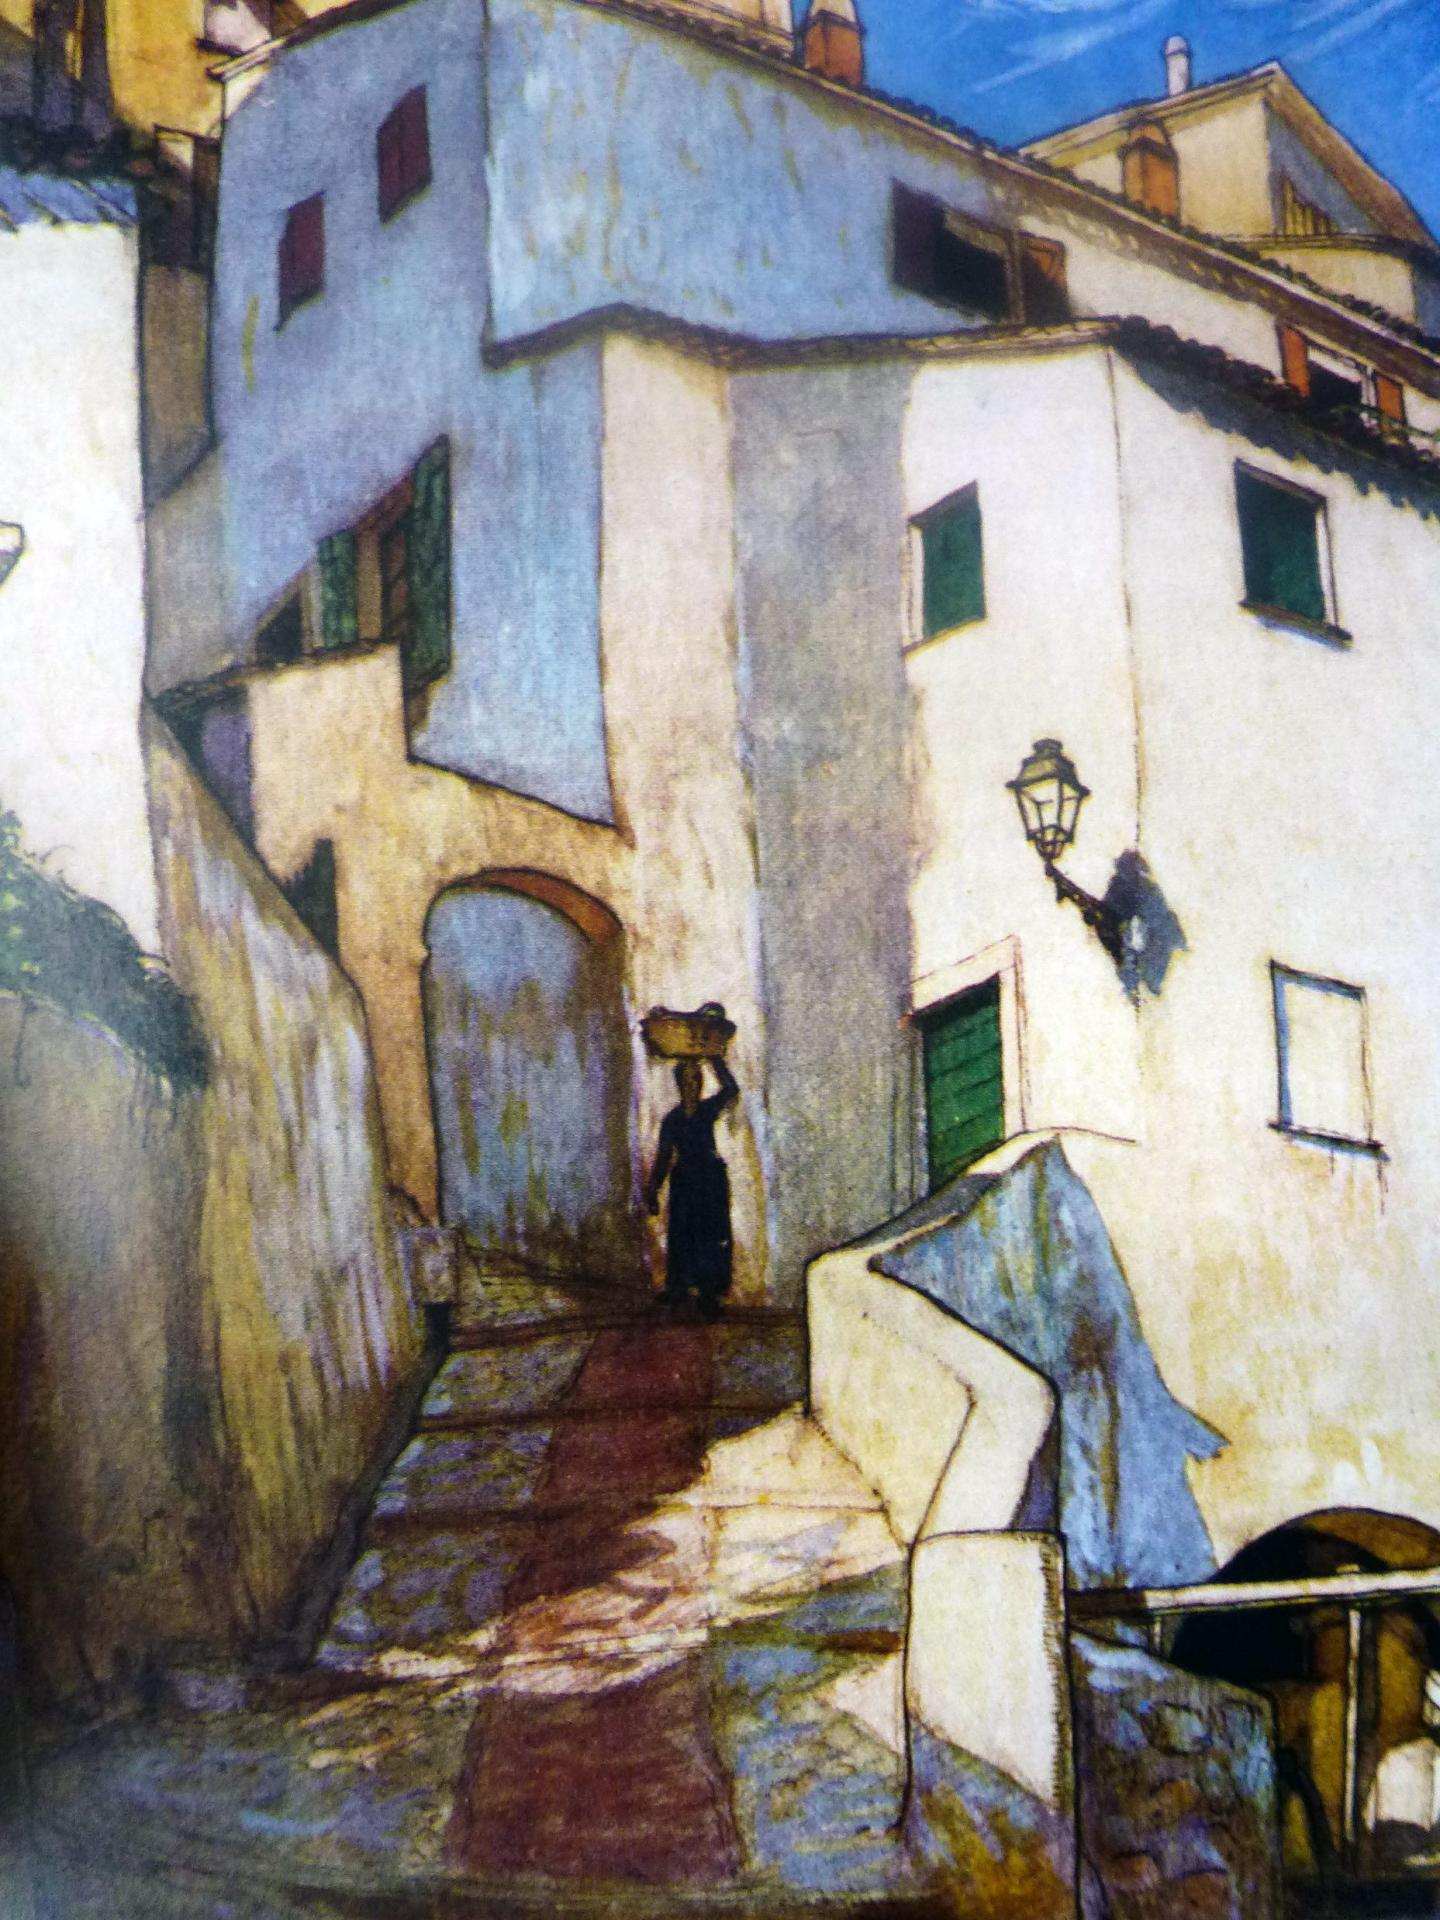 Le moulin de la Marra en contrebas de l'actuelle place des Moulins, par le peintre Charles Maresco Pearce.